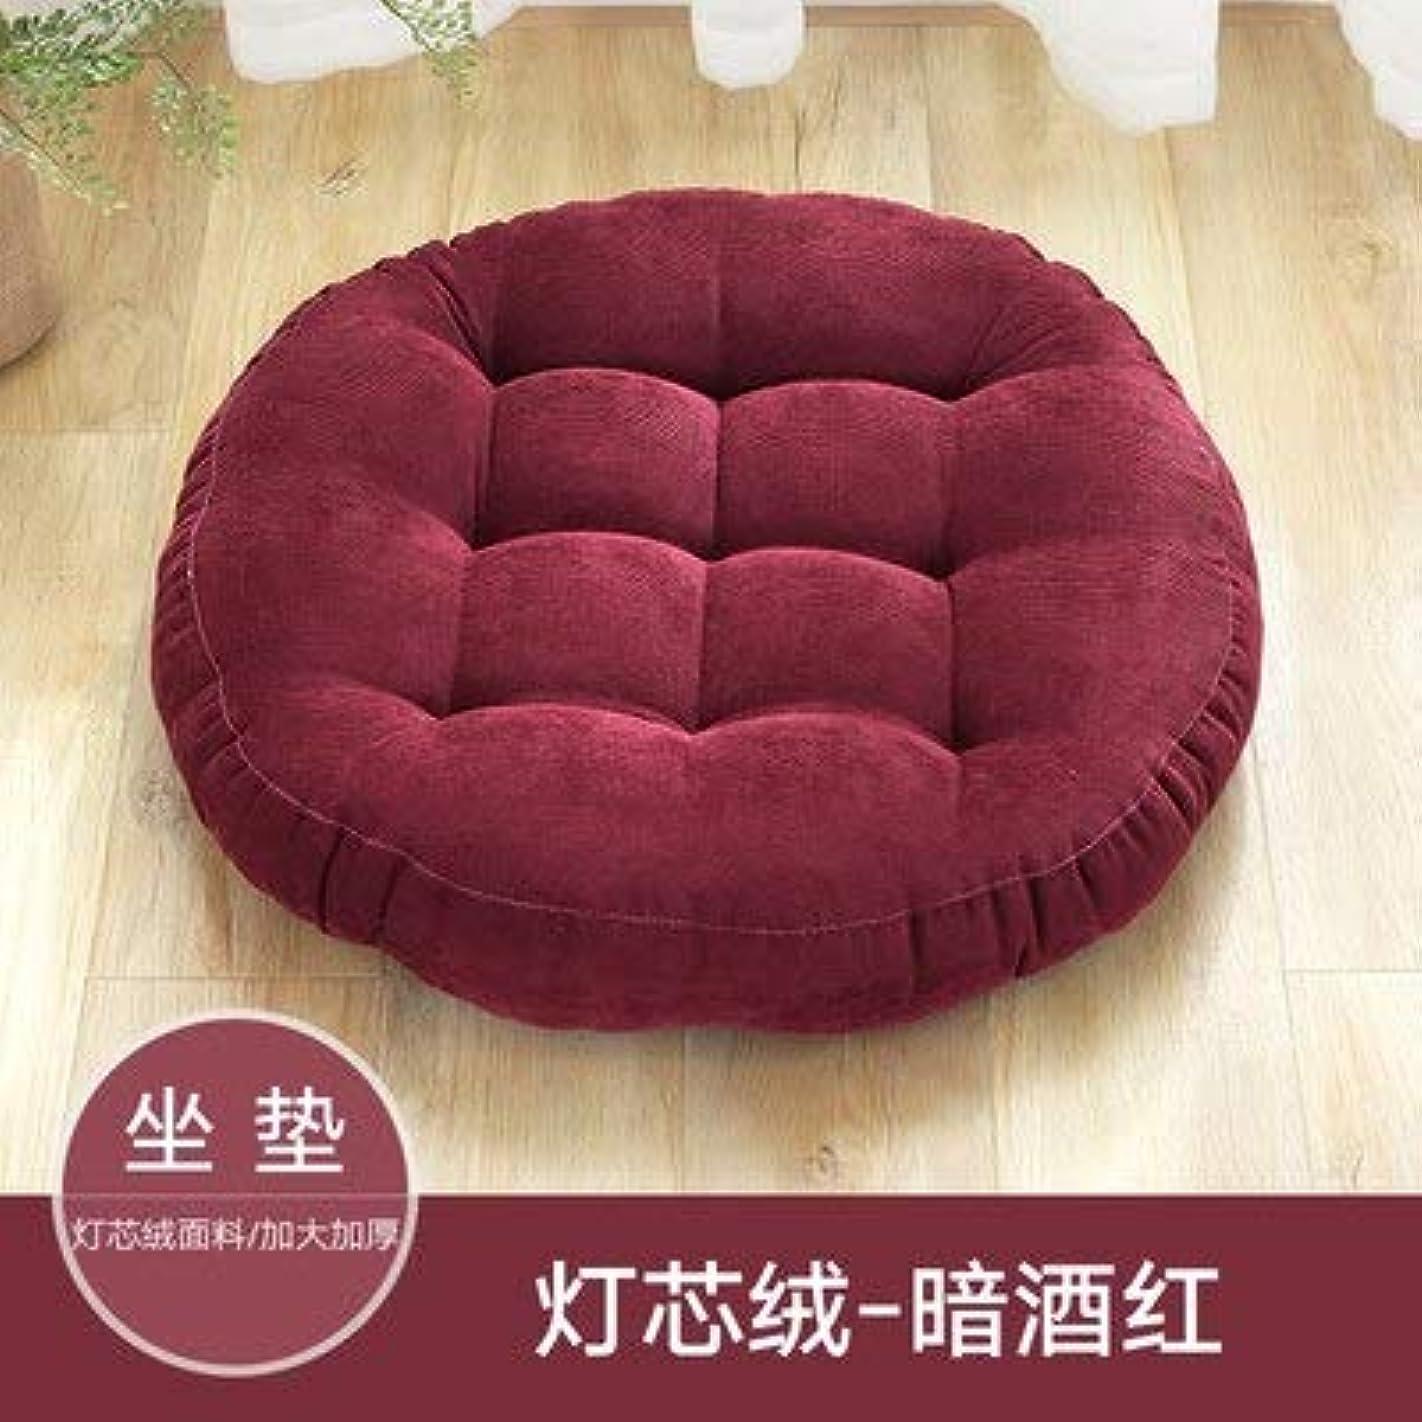 不運租界すきLIFE ラウンド厚い椅子のクッションフロアマットレスシートパッドソフトホームオフィスチェアクッションマットソフトスロー枕最高品質の床クッション クッション 椅子